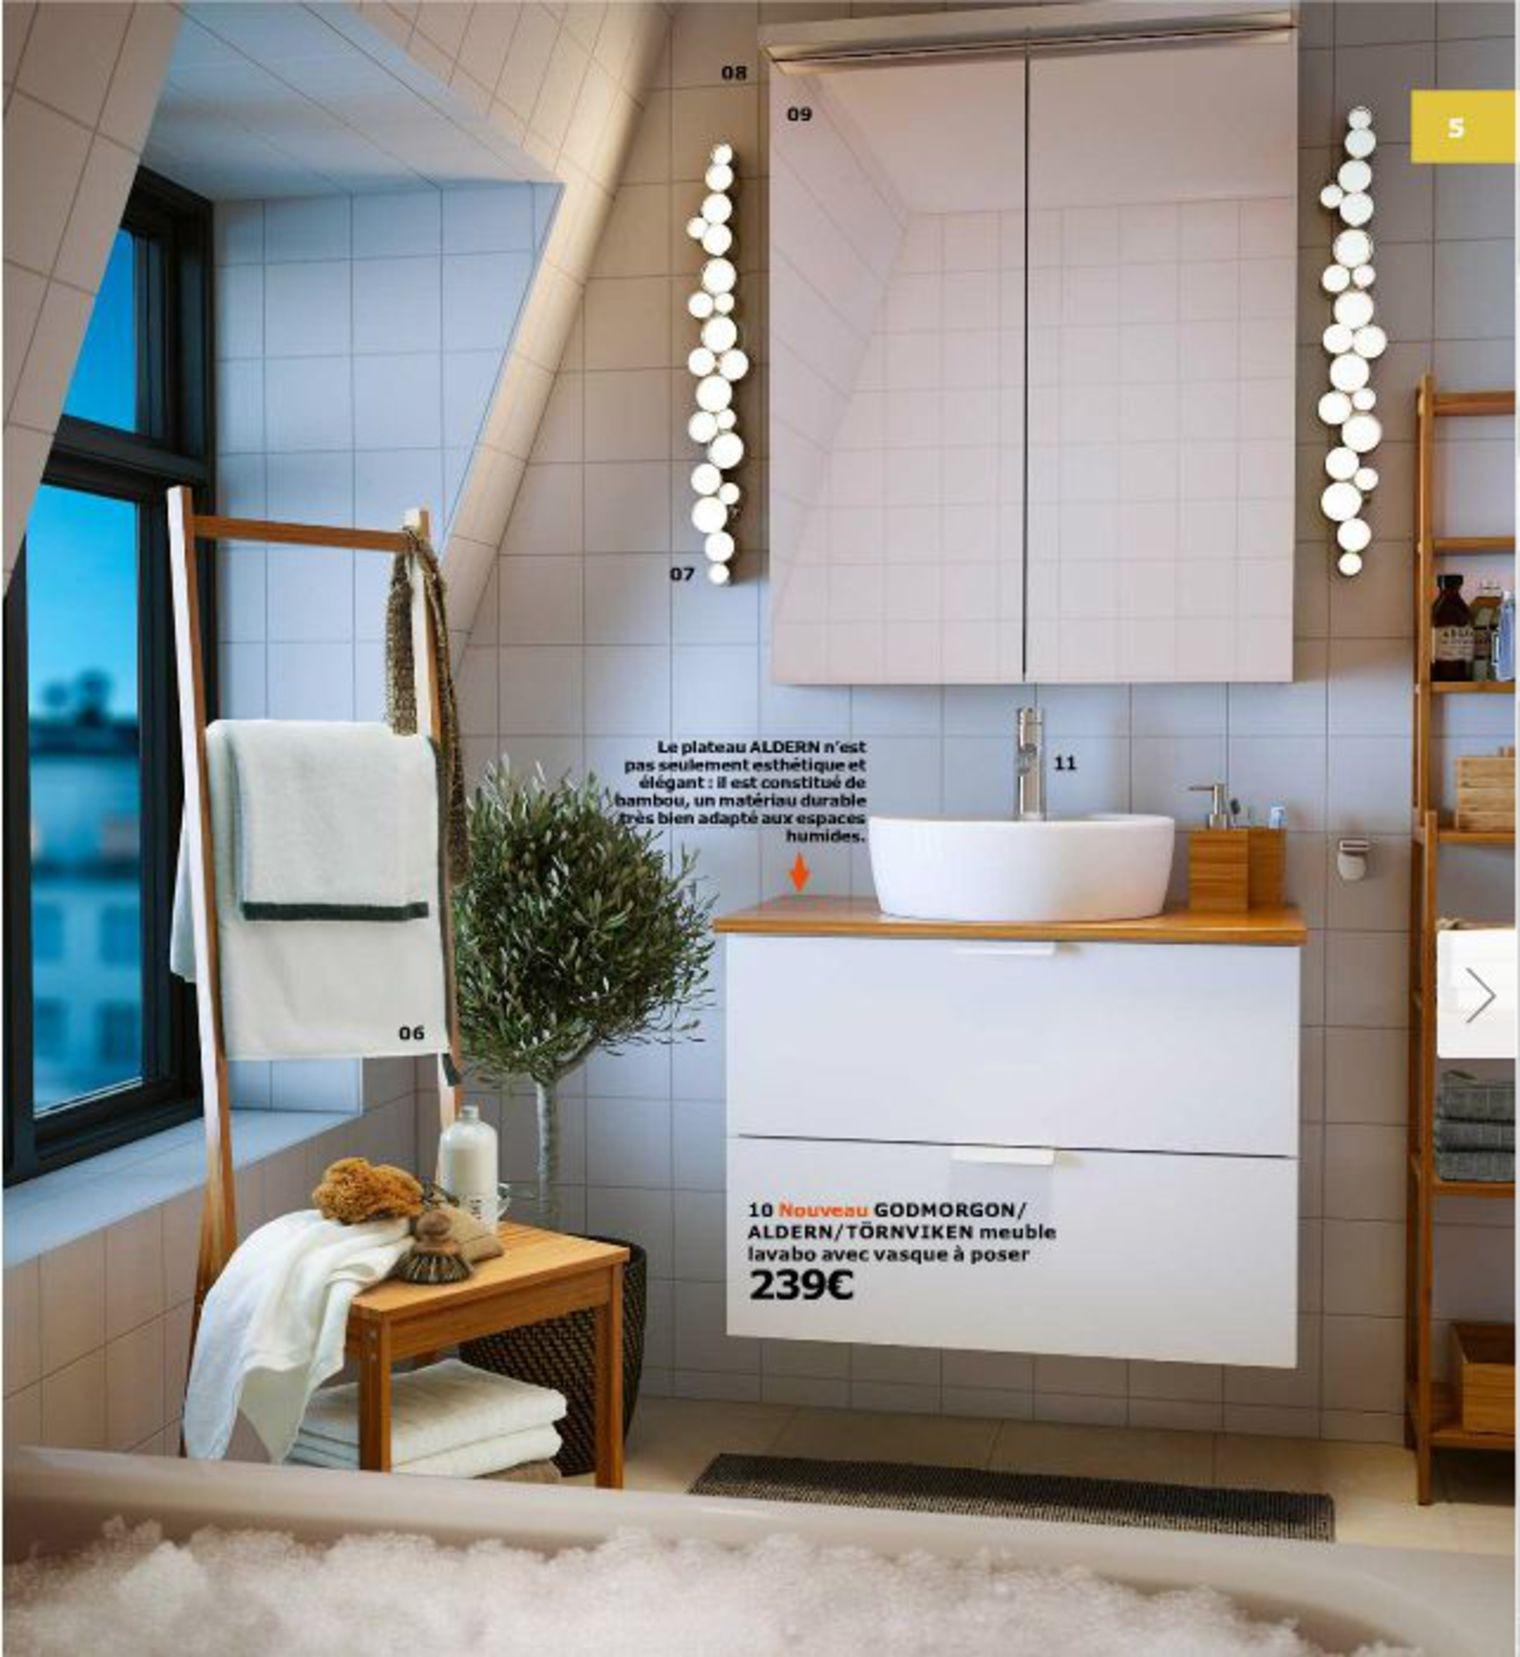 Applique Salle De Bain Avec Interrupteur Ikea Impressionnant Image Les 30 Inspirant Ikea Applique Murale Collection